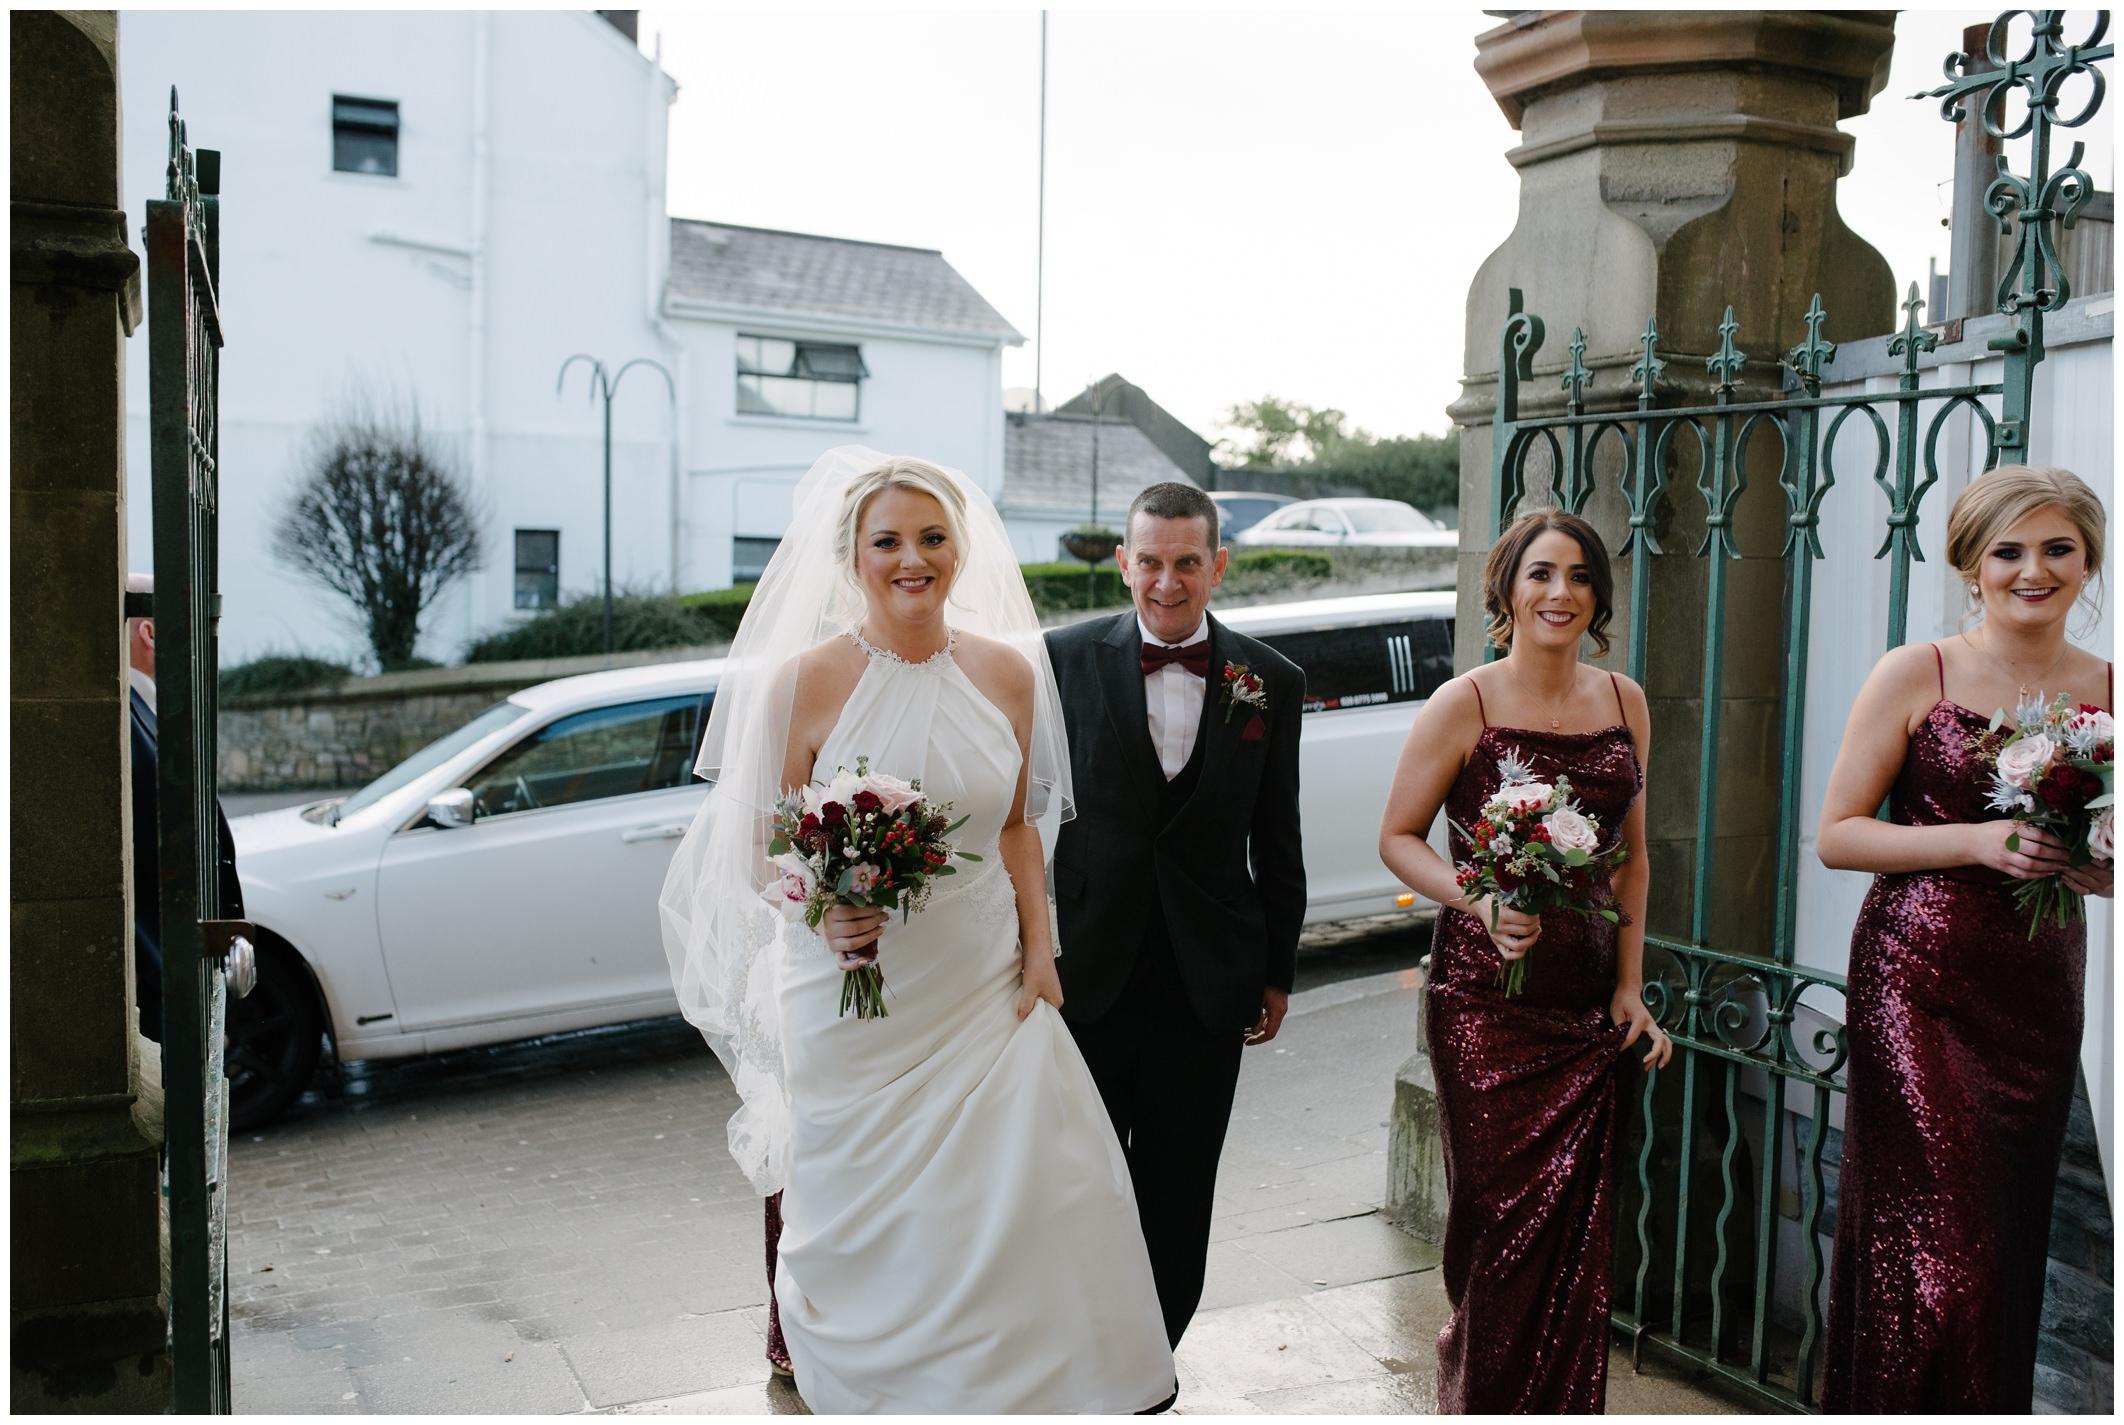 silver_tassie_wedding_jude_browne_photography_0025.jpg